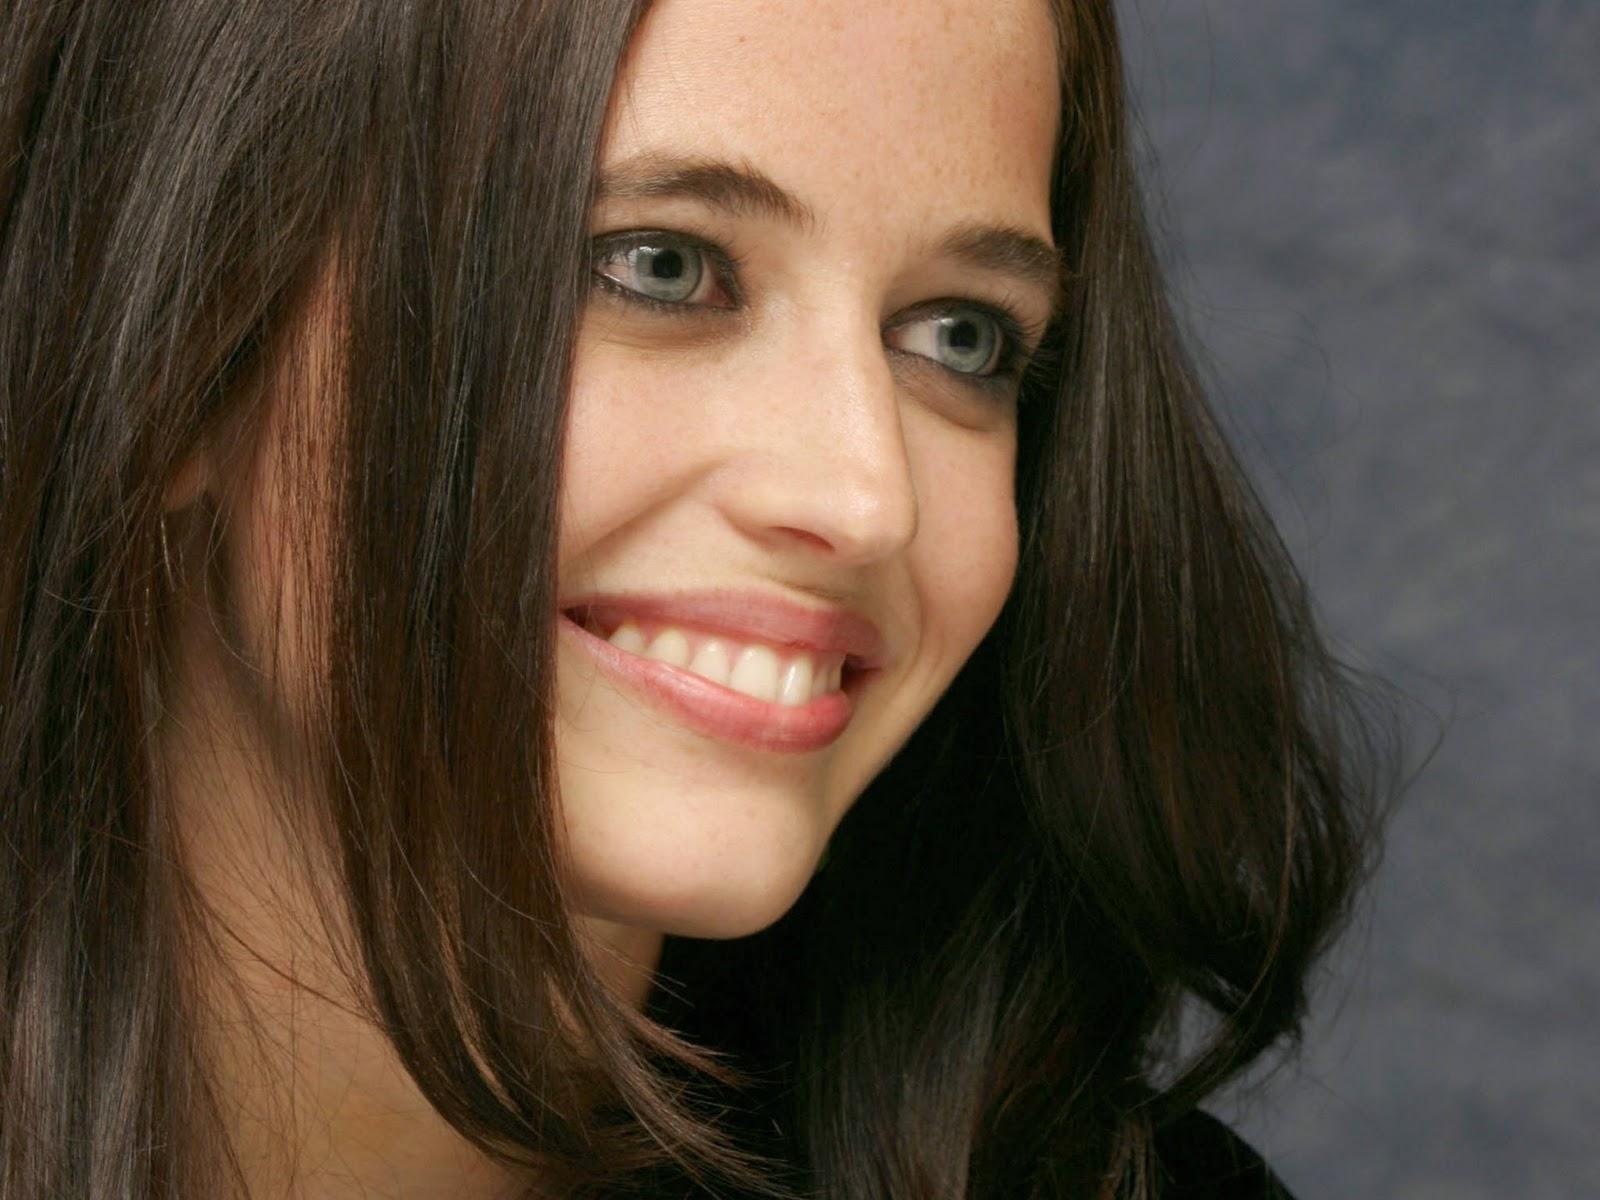 http://1.bp.blogspot.com/-w_nxUydzOs8/TqMt0OrQsGI/AAAAAAAACTU/tN_m0VbqJTk/s1600/Eva_Green_22_4267696.jpg